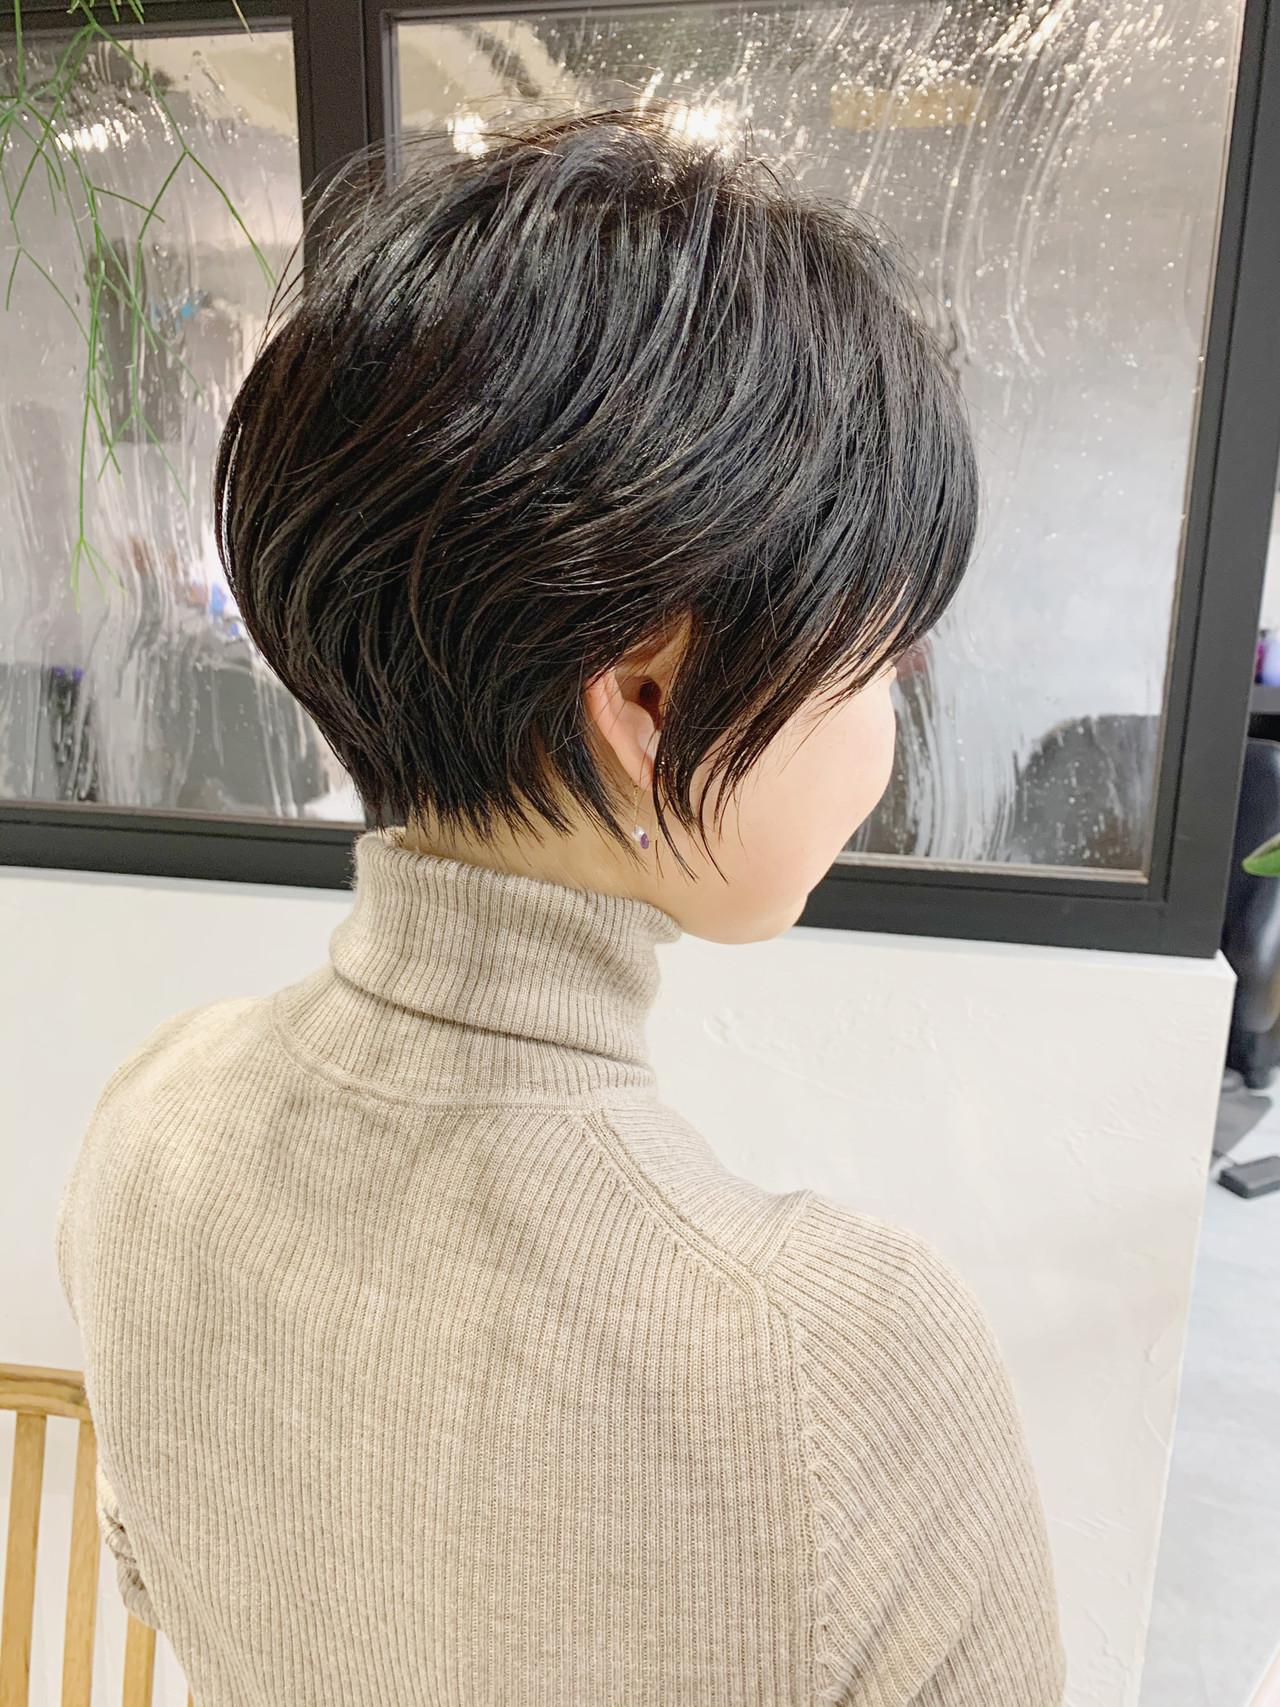 ベリーショート 黒髪 ショートボブ ショートヘア ヘアスタイルや髪型の写真・画像